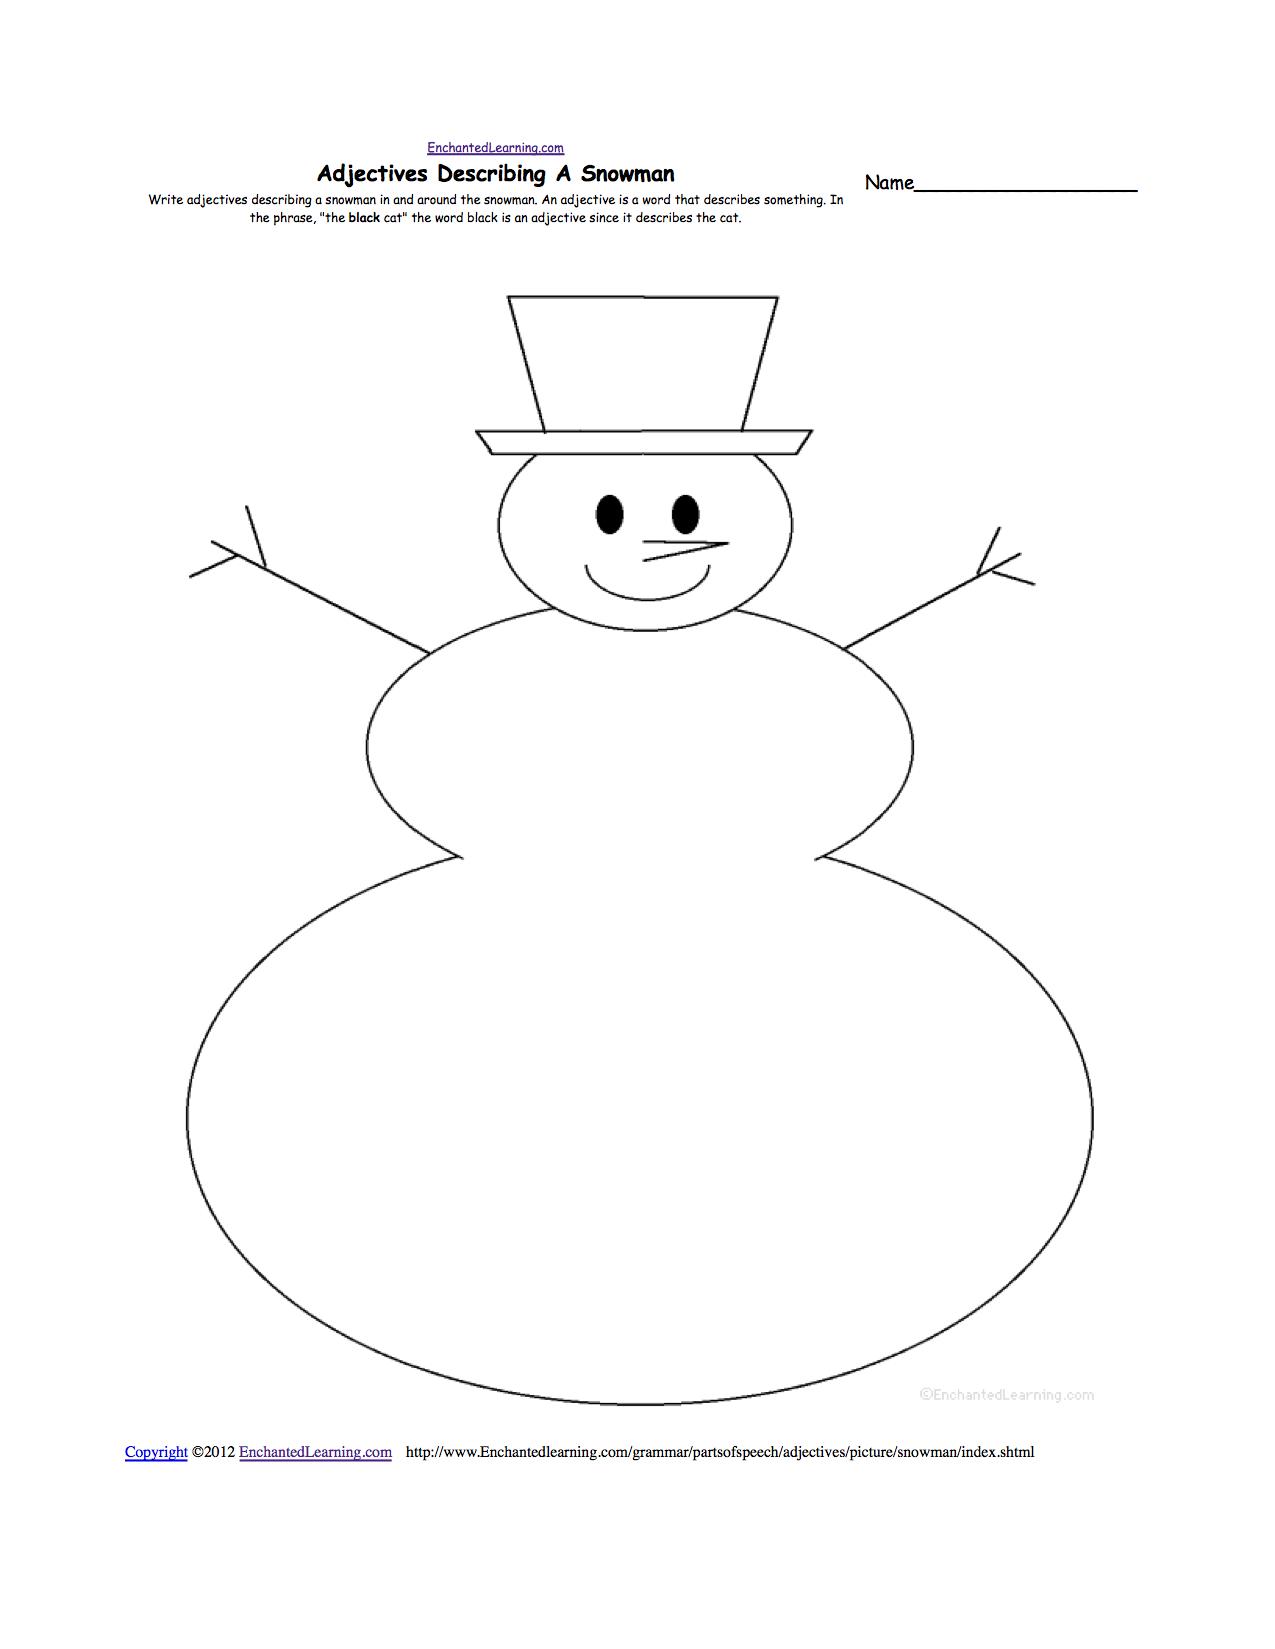 Adjectives Describing A Snowman - Printable Worksheet | Snowman Worksheet Printables